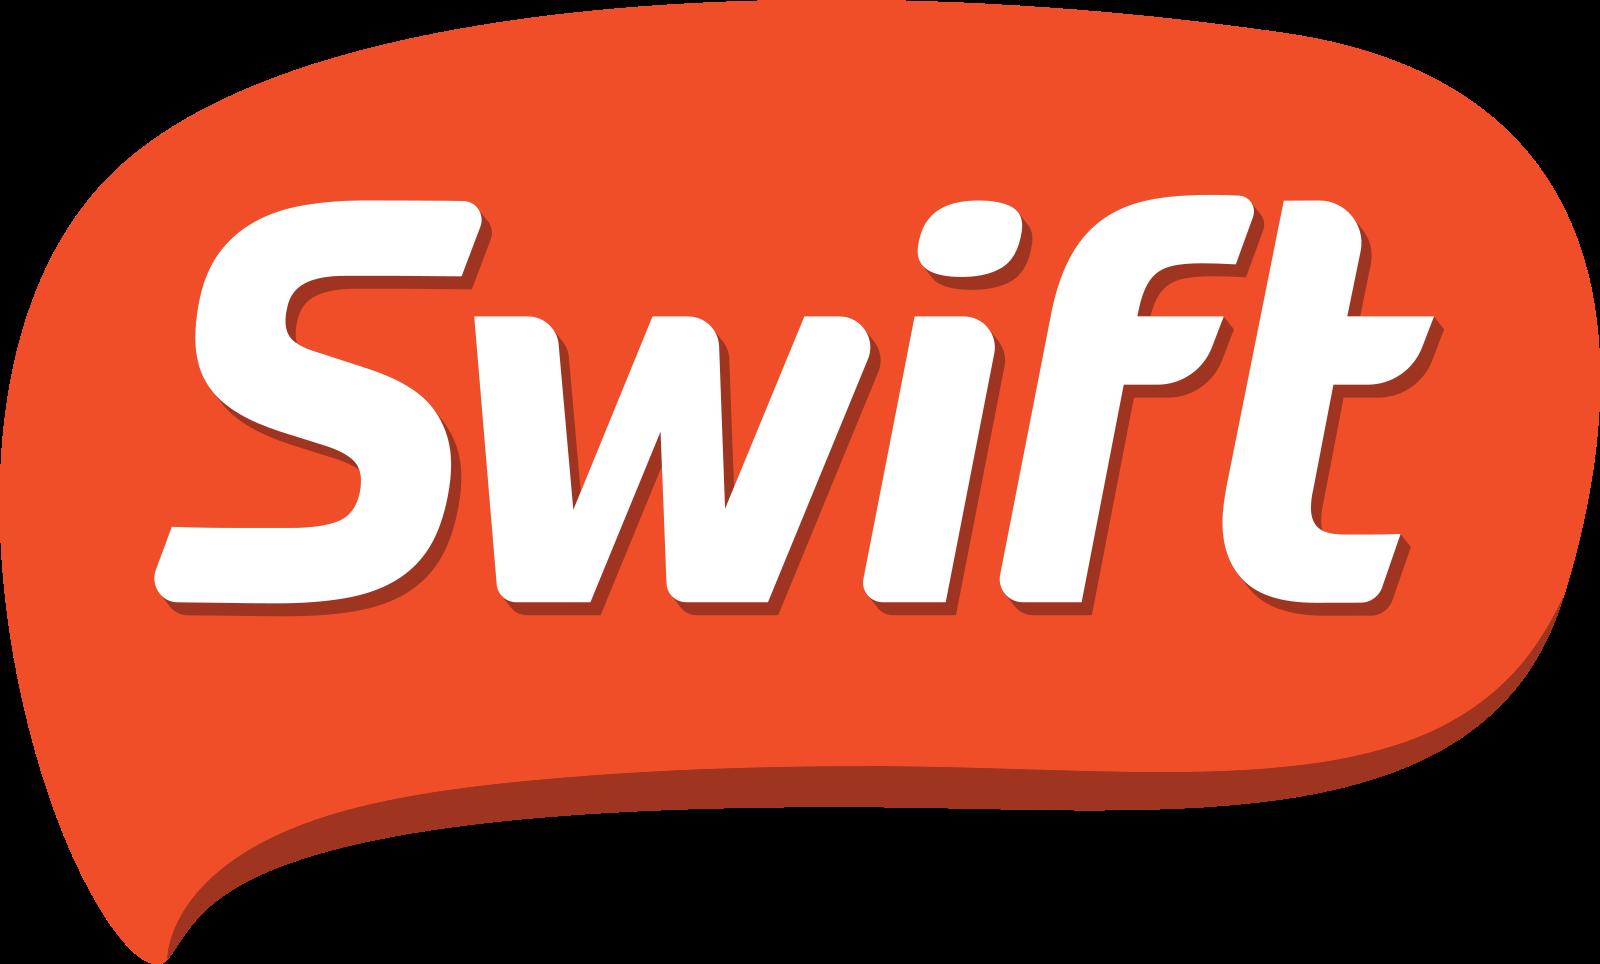 swift foods logo 2 - Swift Foods Logo